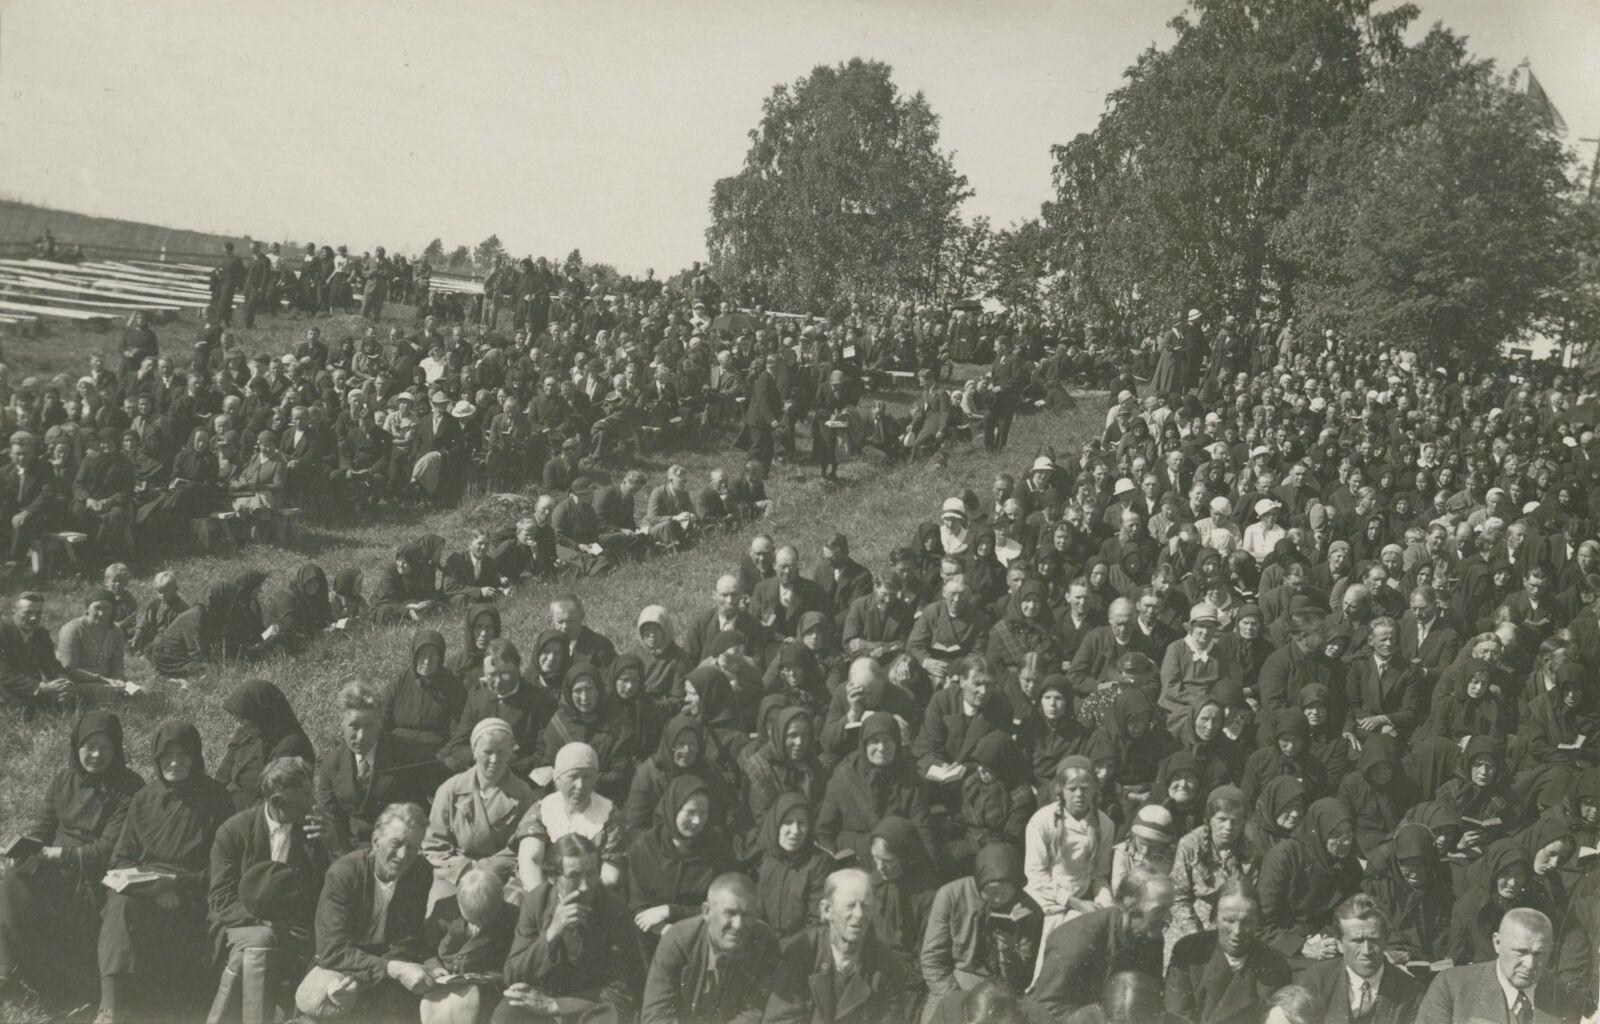 Herättäjäjuhlat pidettiin 1935 Kiuruvedellä. (Kiuruveden kaupunki)